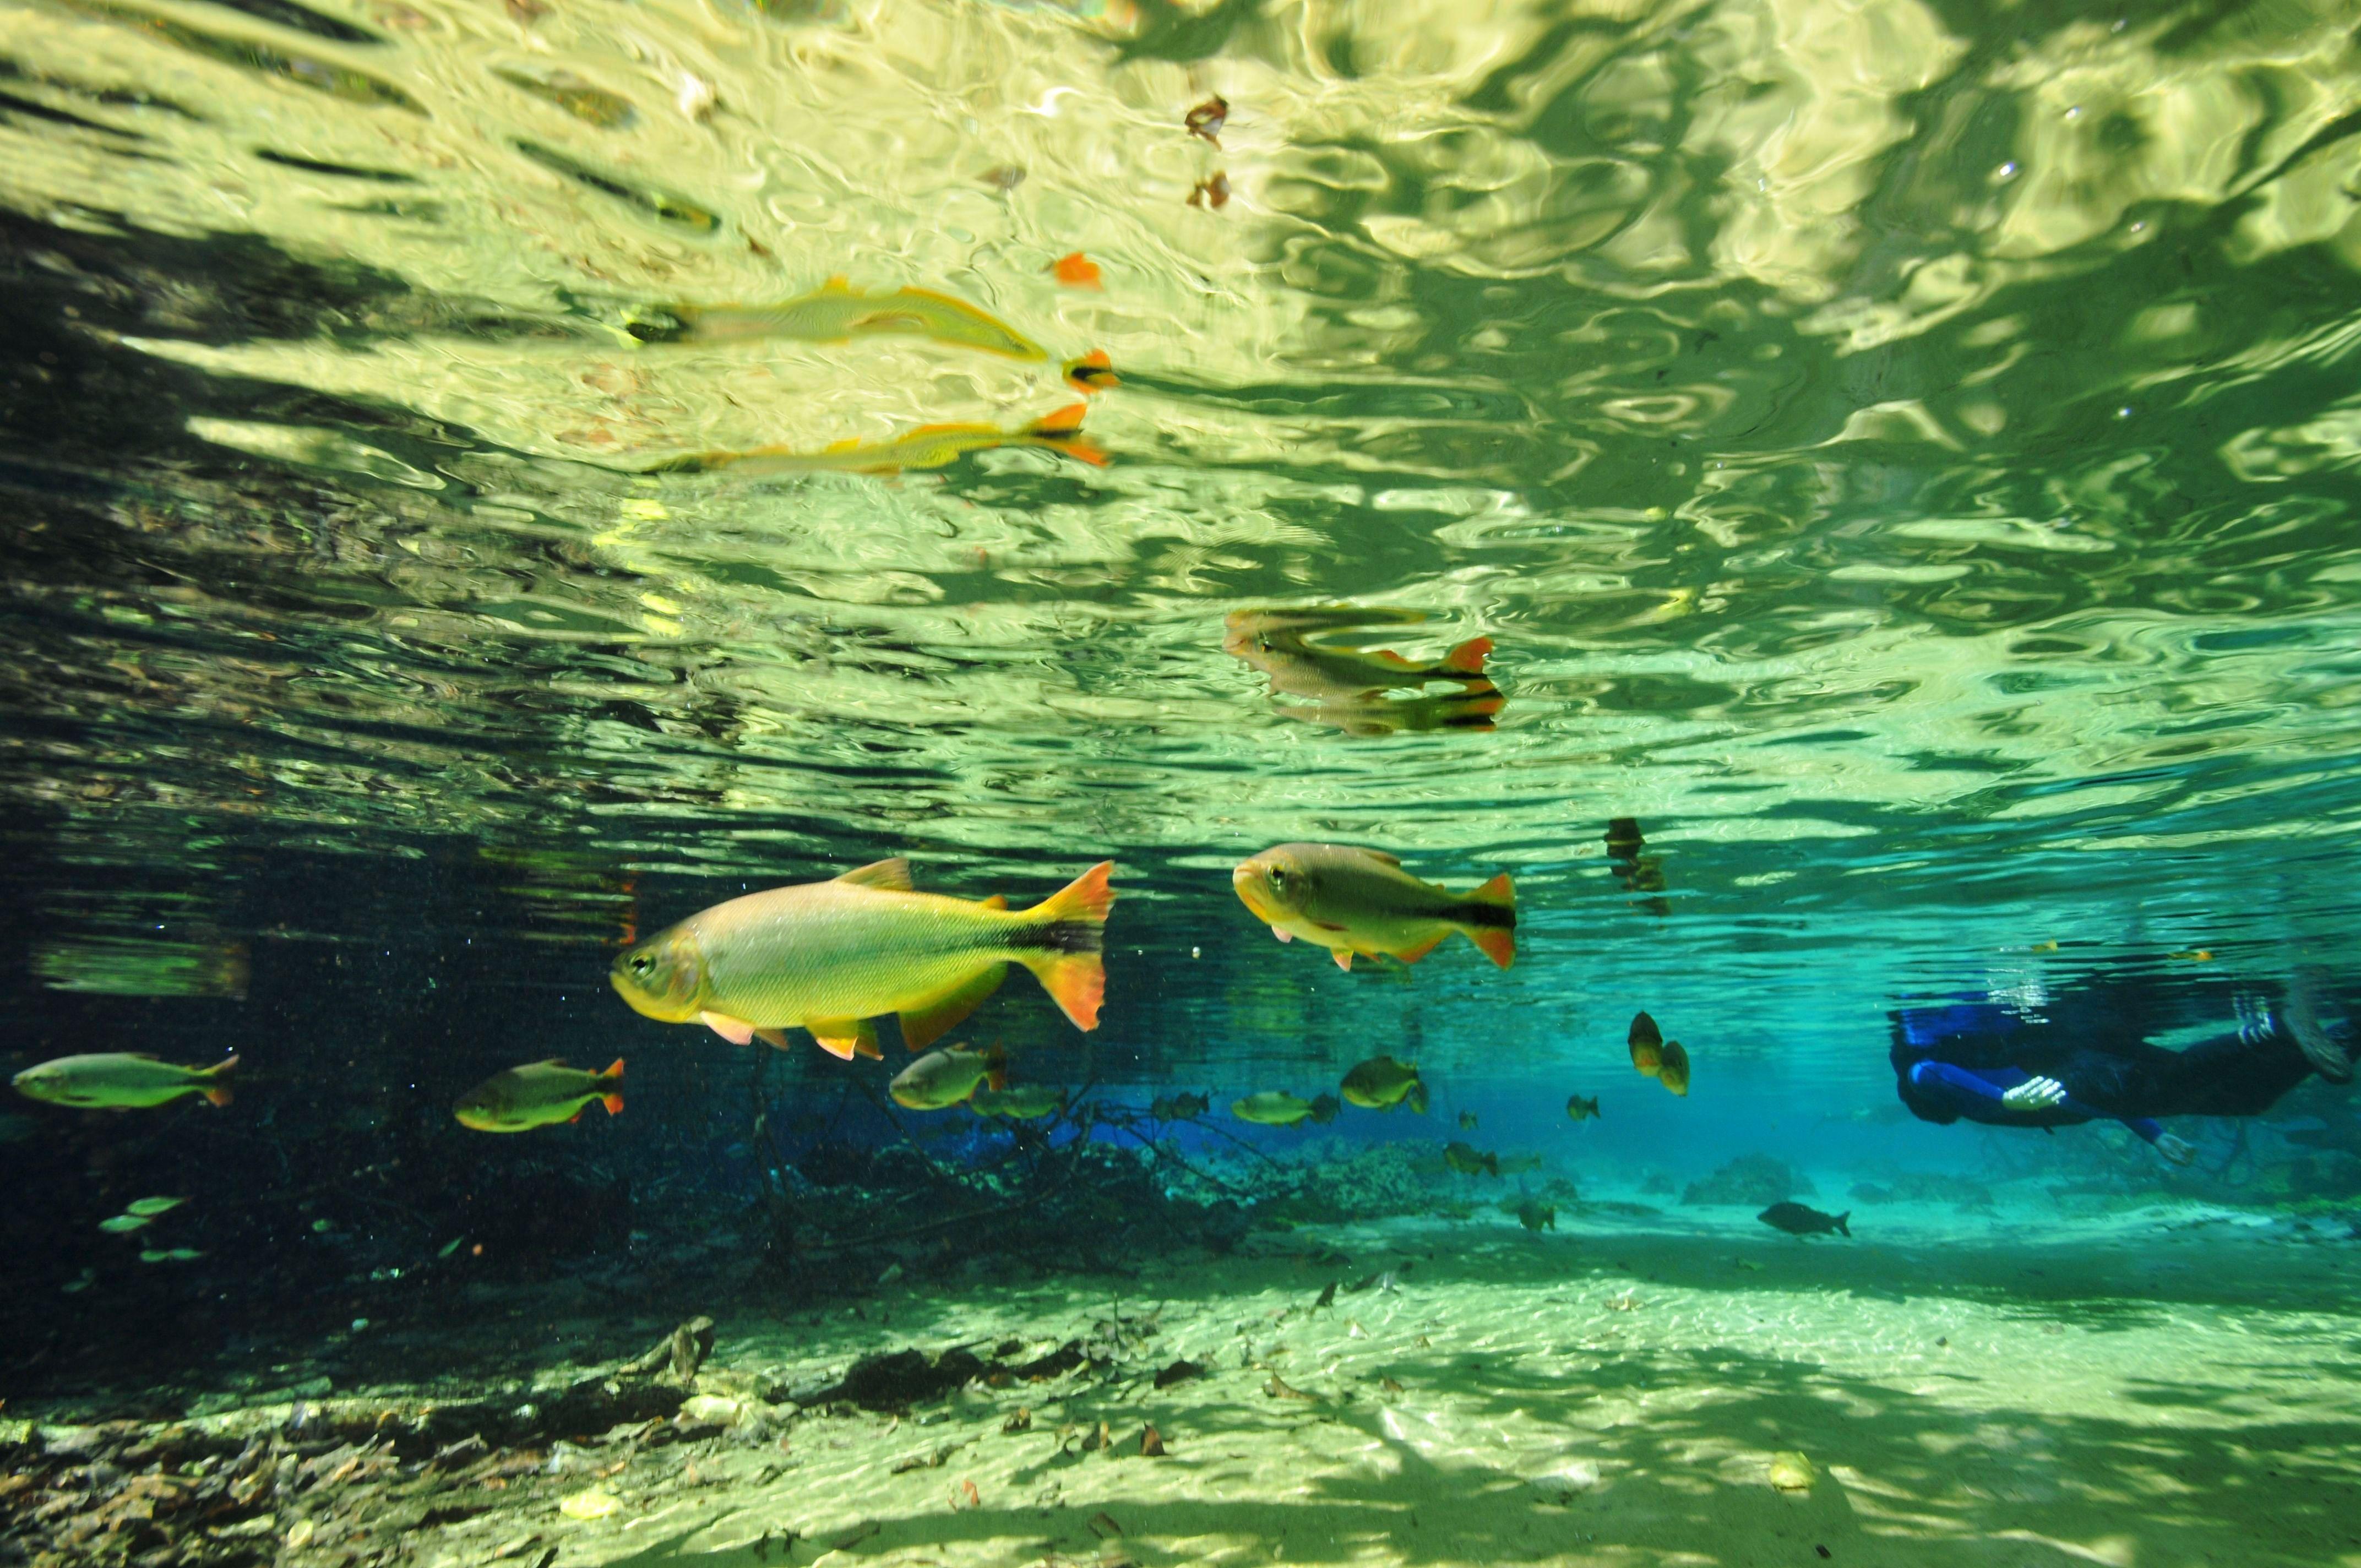 Bonito Flutuação_-_Snorkeling_at_Rio_da_Prata_-_André_Seale